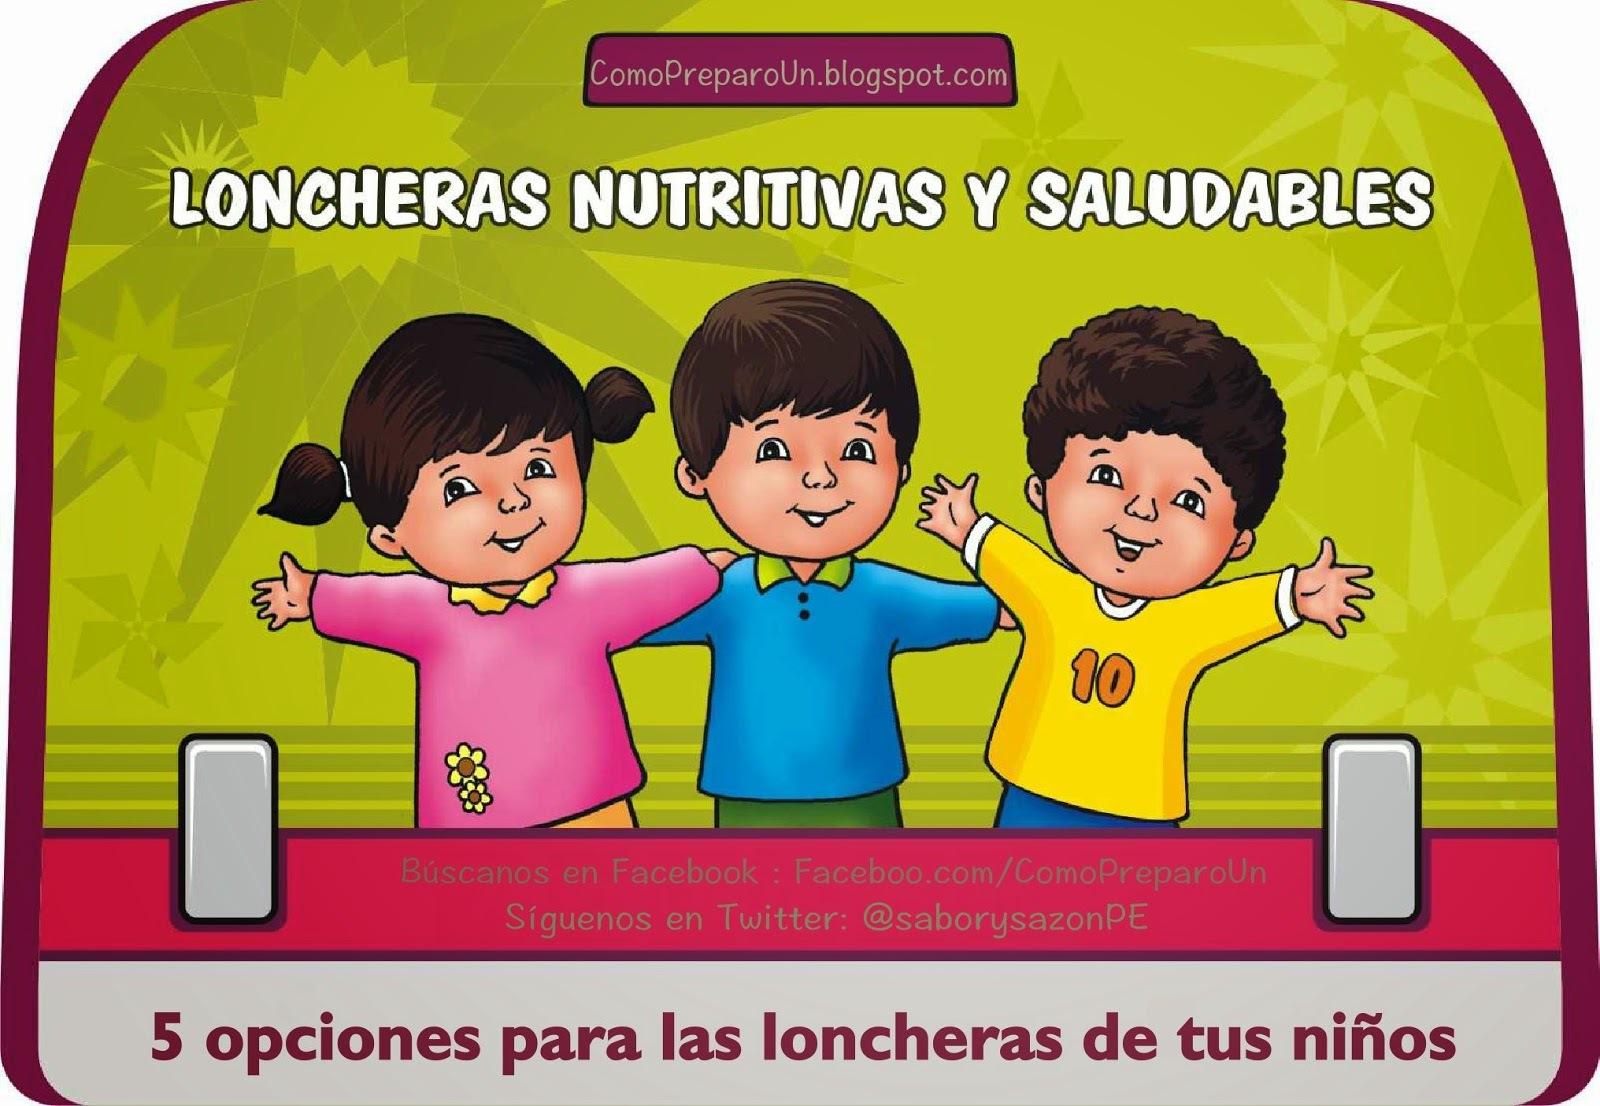 LONCHERAS NUTRITIVAS Y SALUDABLES PARA NIÑOS - LUNES